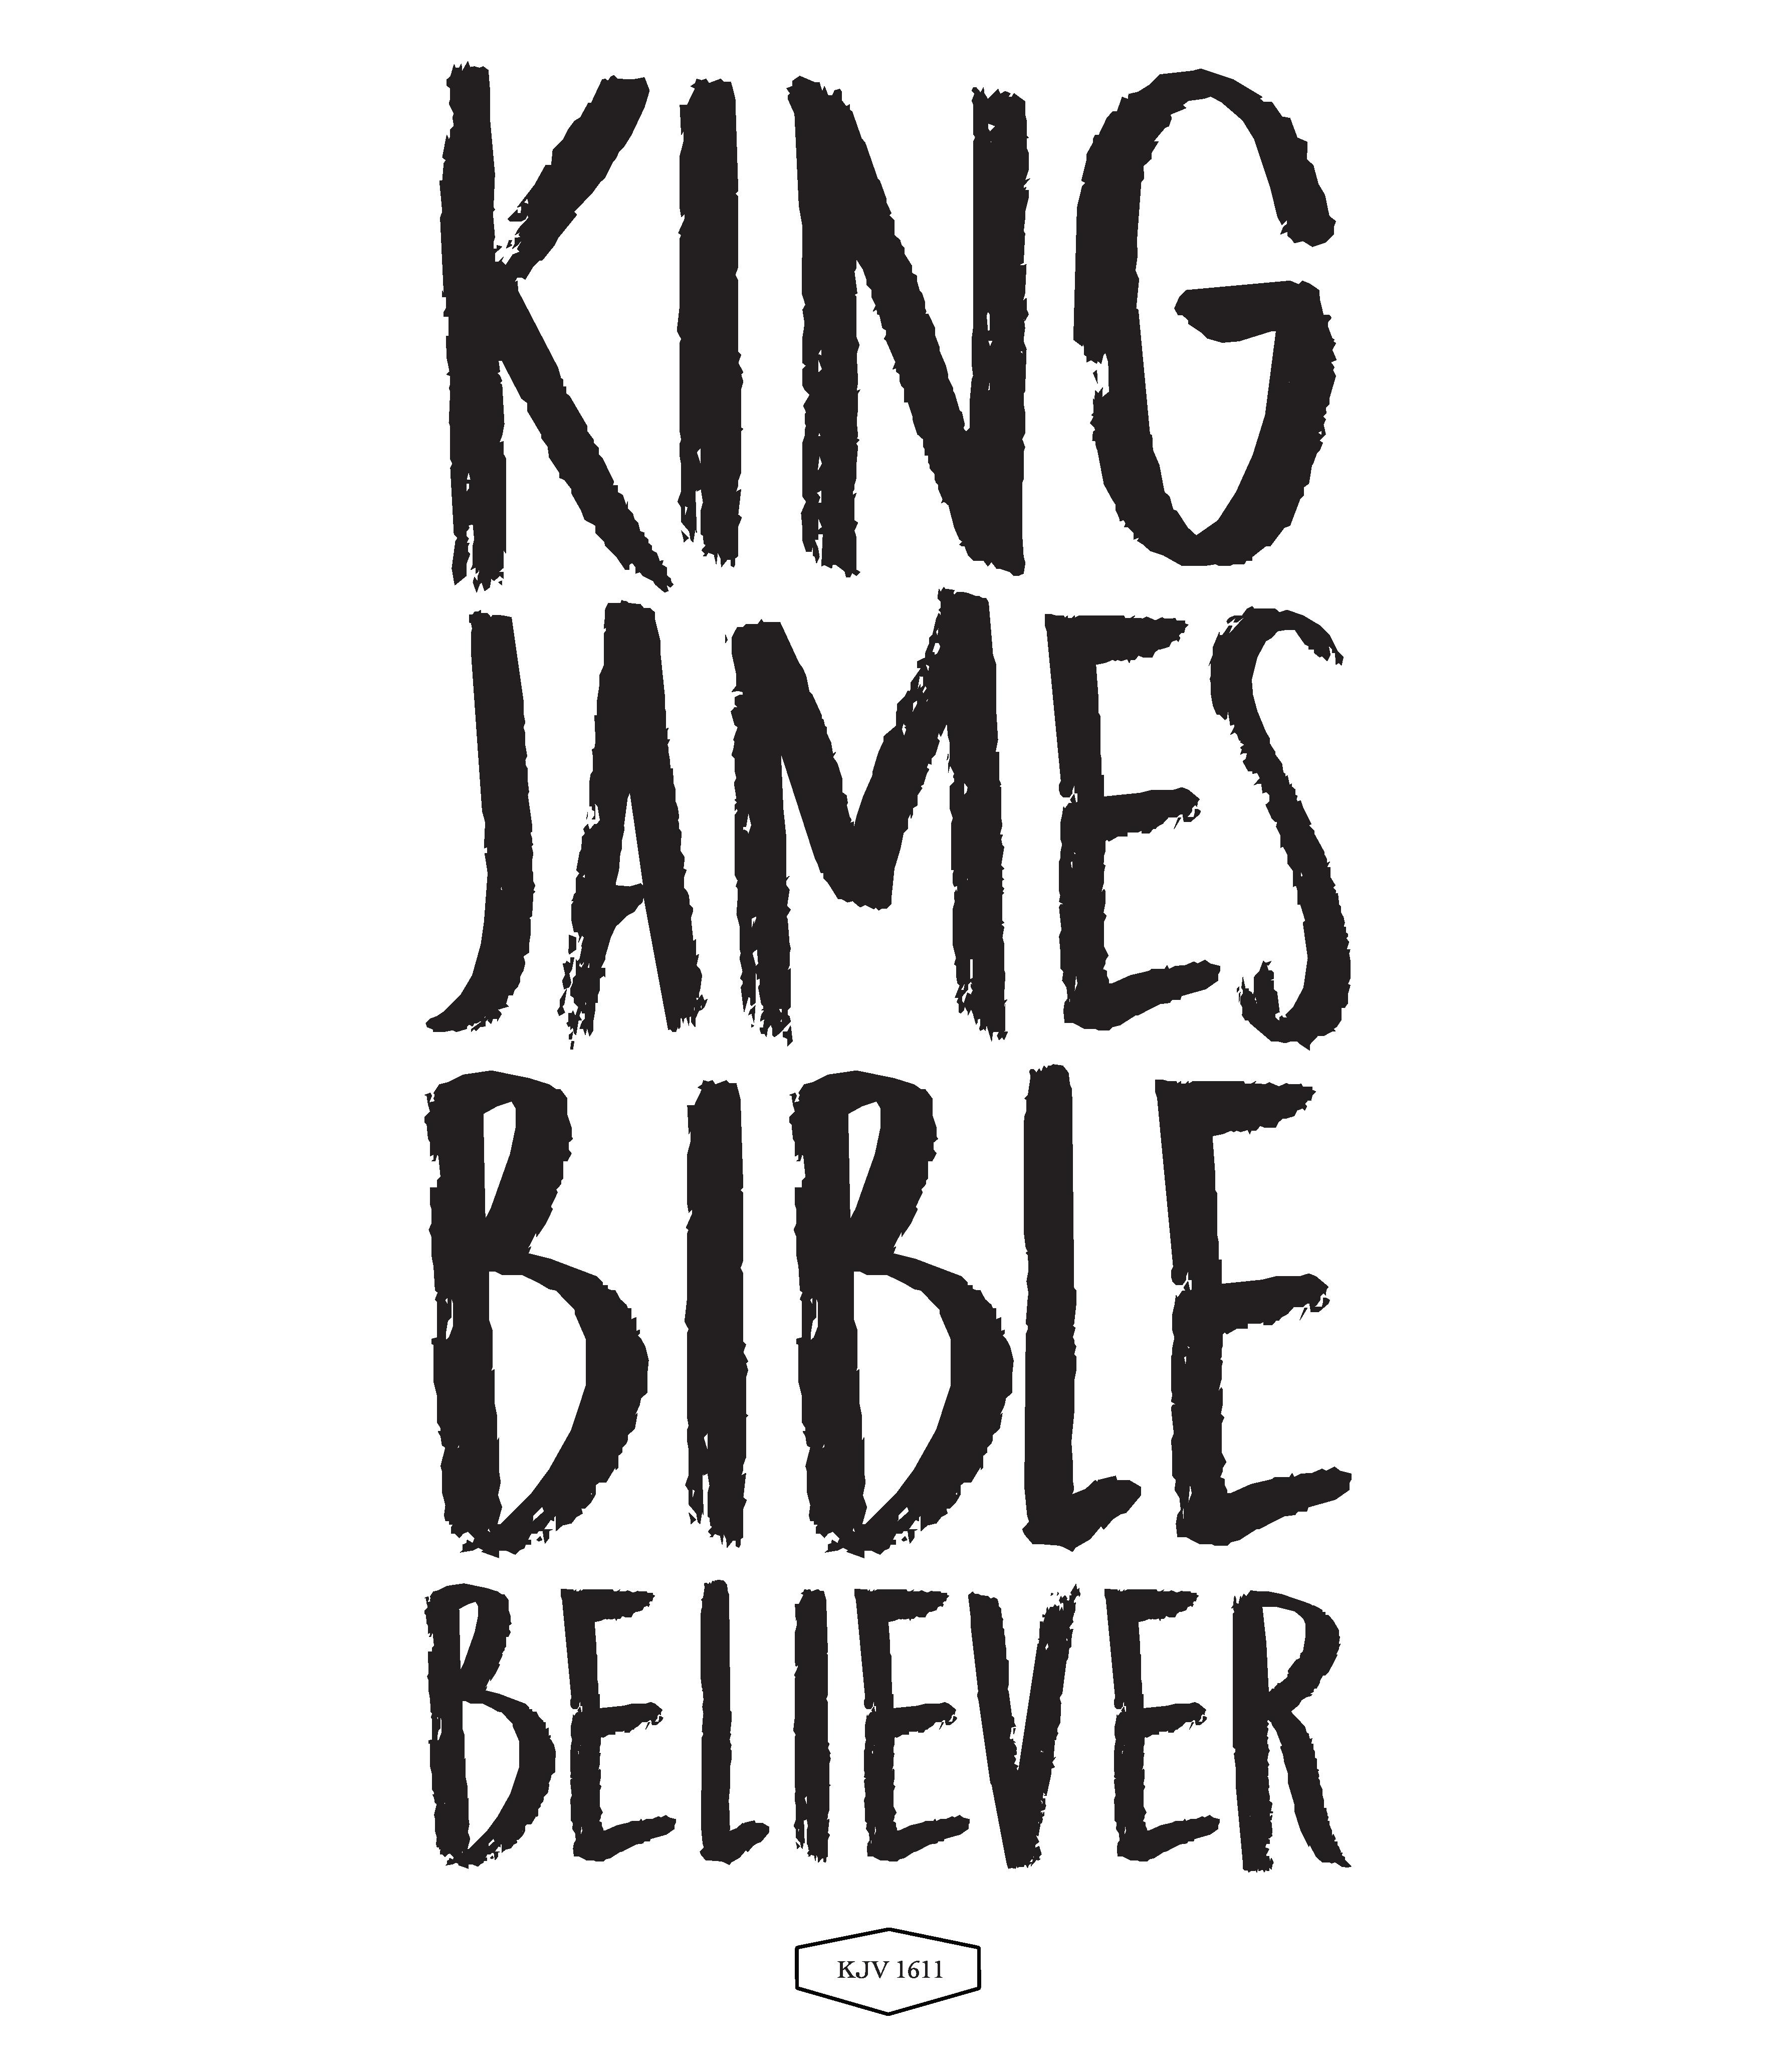 KING JAMES BIBLE BELIEVER, transparant PNG, kleur zwart, eventueel voor op een t-shirt